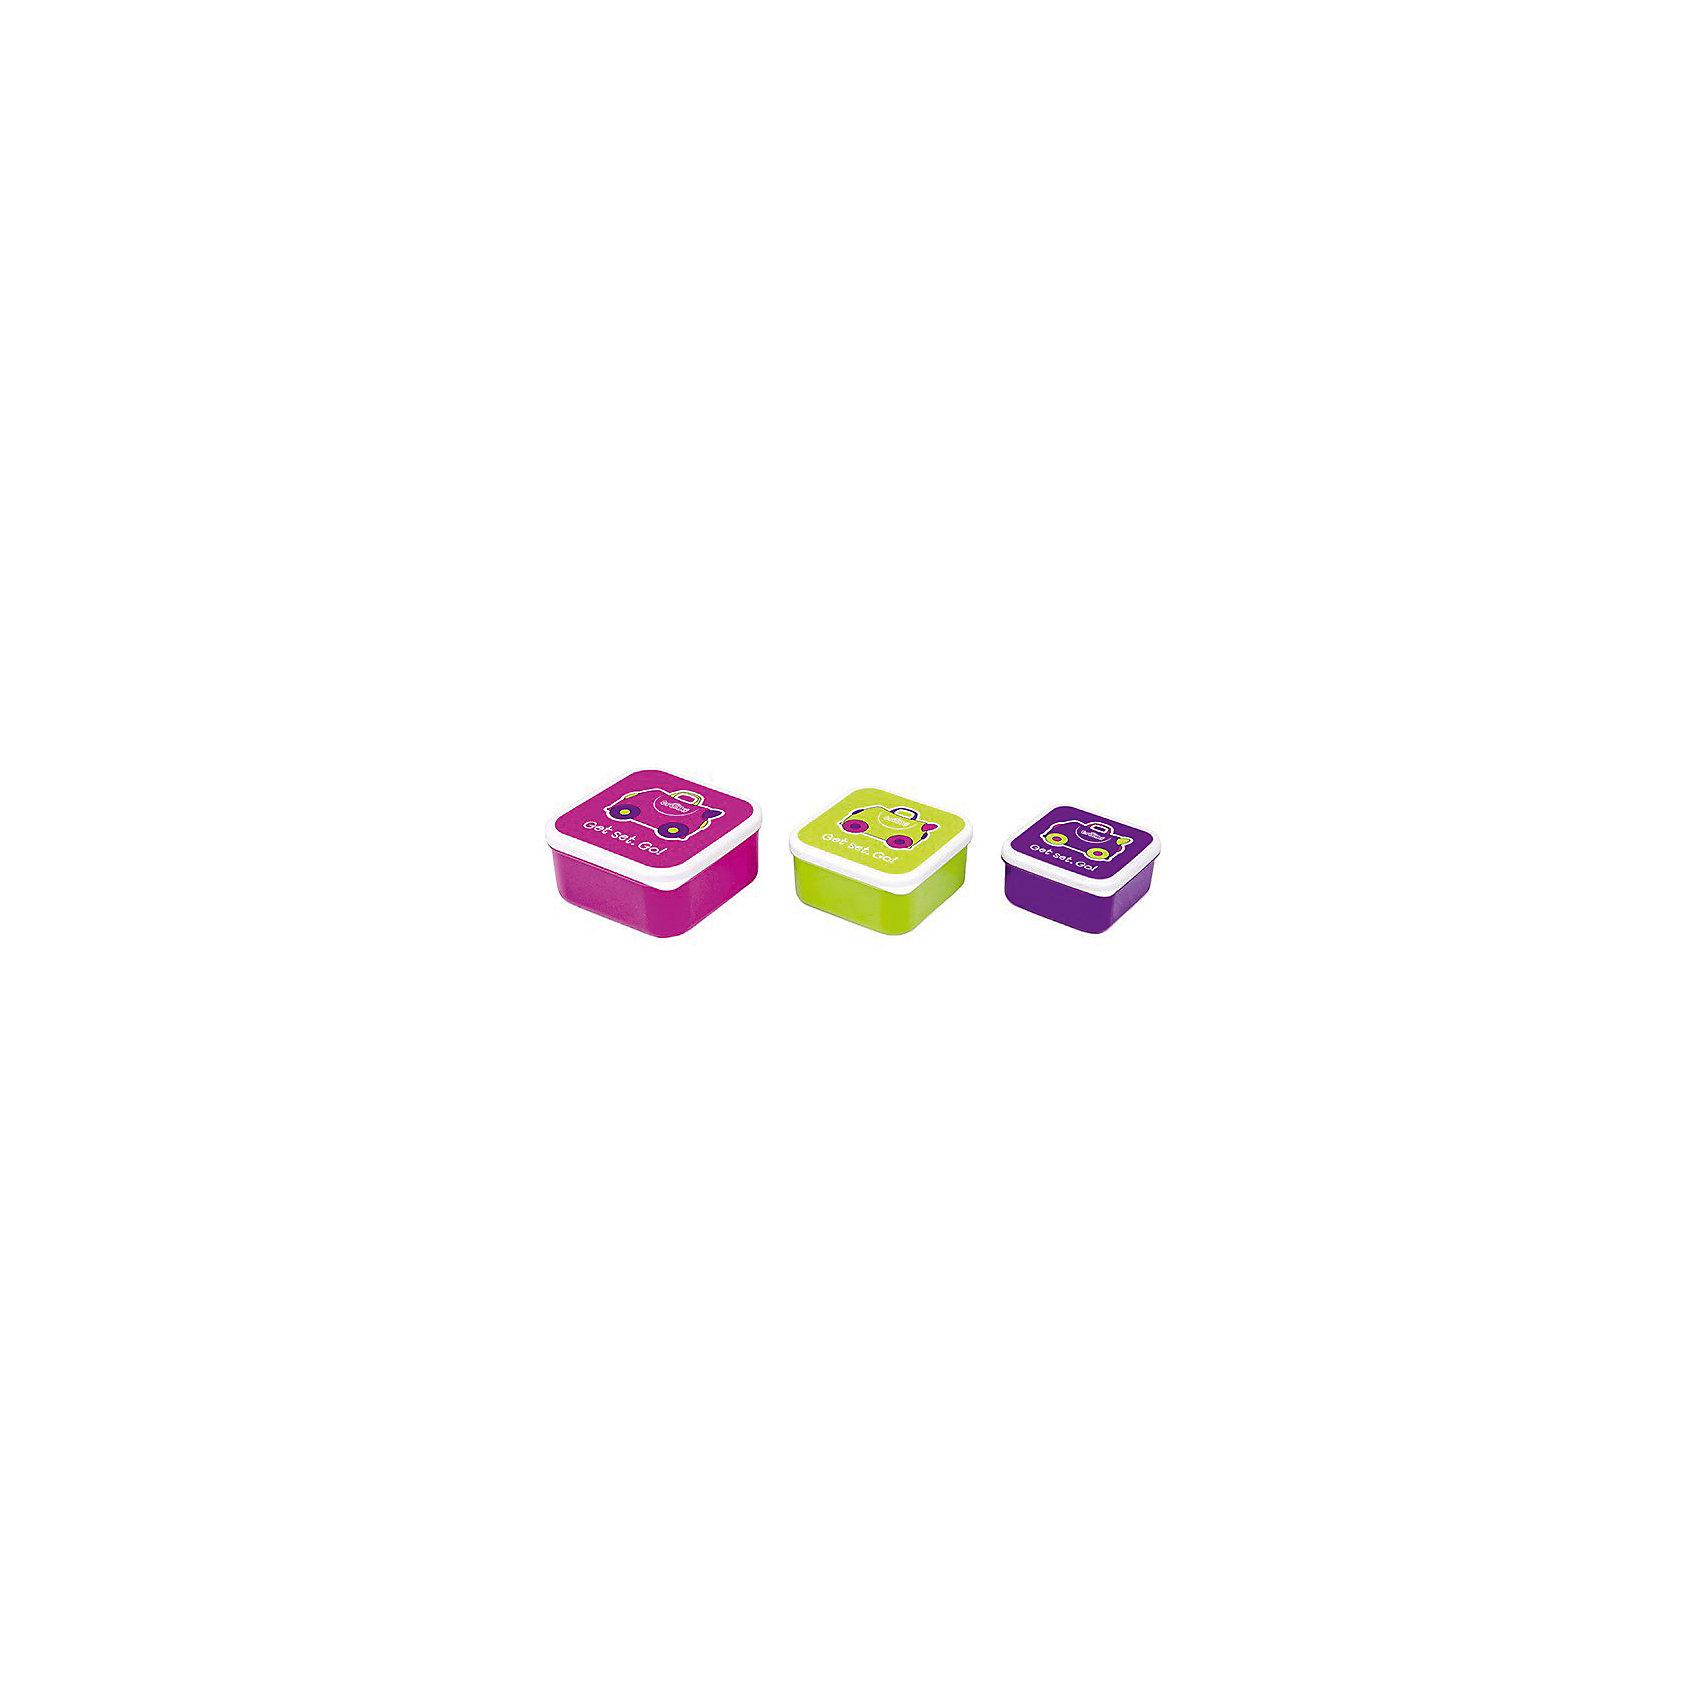 Контейнеры для еды 3 шт, розовый, фиолетовый, зеленыйБутылки для воды и бутербродницы<br>Характеристики товара:<br><br>• возраст от 5 лет;<br>• материал: пластик;<br>• размер боксов 12x12x5,5 см, 10,5x10,5x5 см, 9x9x4,5 см;<br>• вес 250 гр.;<br>• страна производитель: Китай.<br><br>Контейнеры для еды 3 шт. Trunki розовый, фиолетовый, зеленый позволяют брать с собой любимые блюда и закуски в путешествие, на пикник в парк или в школу. Крышки контейнеров украшены рисунком. Контейнеры изготовлены из качественного безопасного пластика. Нижняя часть контейнера моется в посудомоечной машине. Контейнеры не предназначены для использования в микроволновой печи.<br><br>Контейнеры для еды 3 шт. Trunki розовый, фиолетовый, зеленый можно приобрести в нашем интернет-магазине.<br><br>Ширина мм: 120<br>Глубина мм: 55<br>Высота мм: 120<br>Вес г: 250<br>Возраст от месяцев: 60<br>Возраст до месяцев: 2147483647<br>Пол: Унисекс<br>Возраст: Детский<br>SKU: 5509348